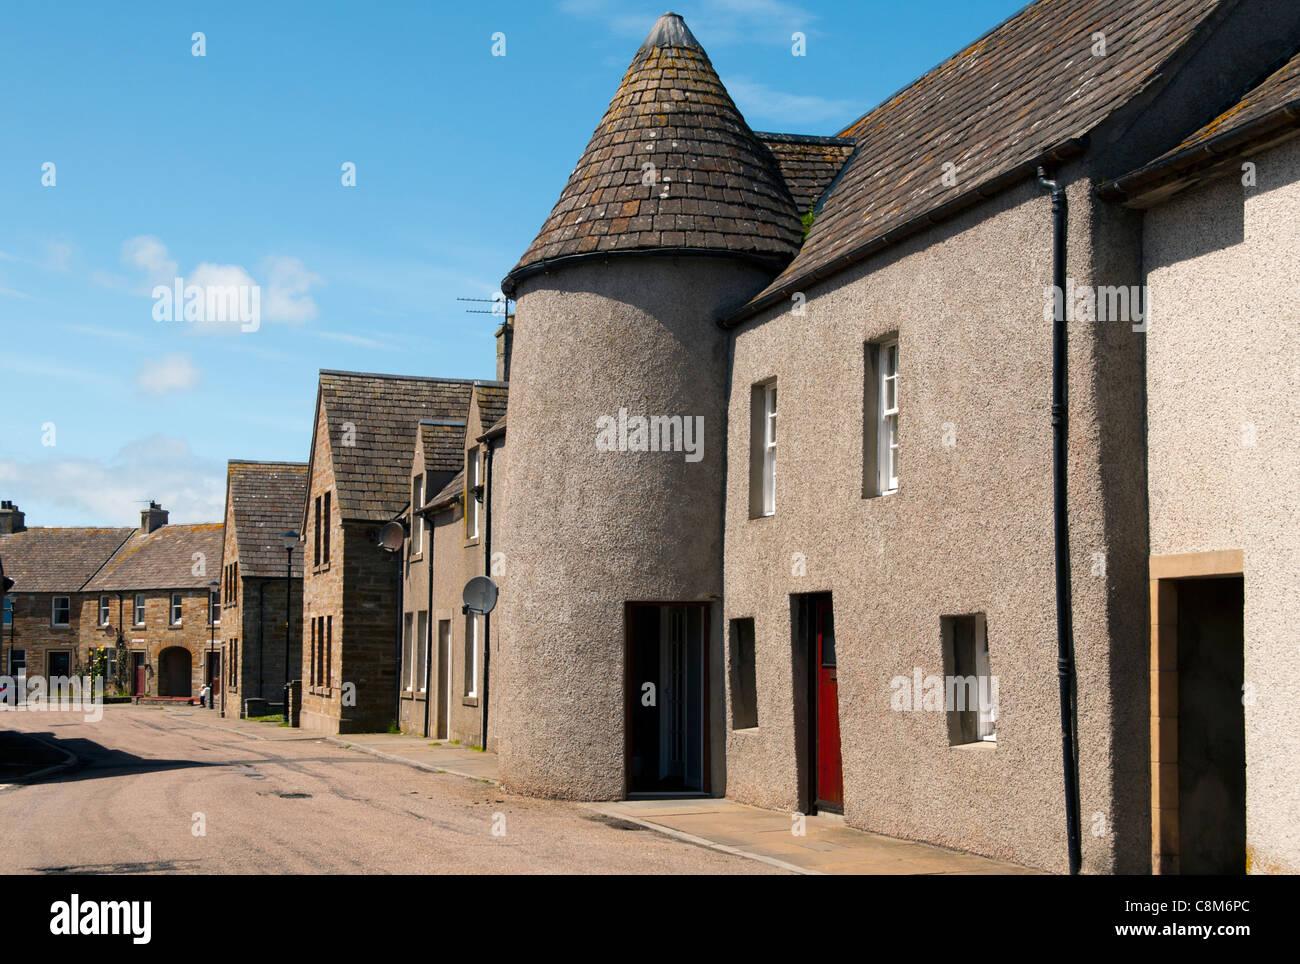 Houses in Shore Street, Thurso, Caithness, Scotland, UK - Stock Image